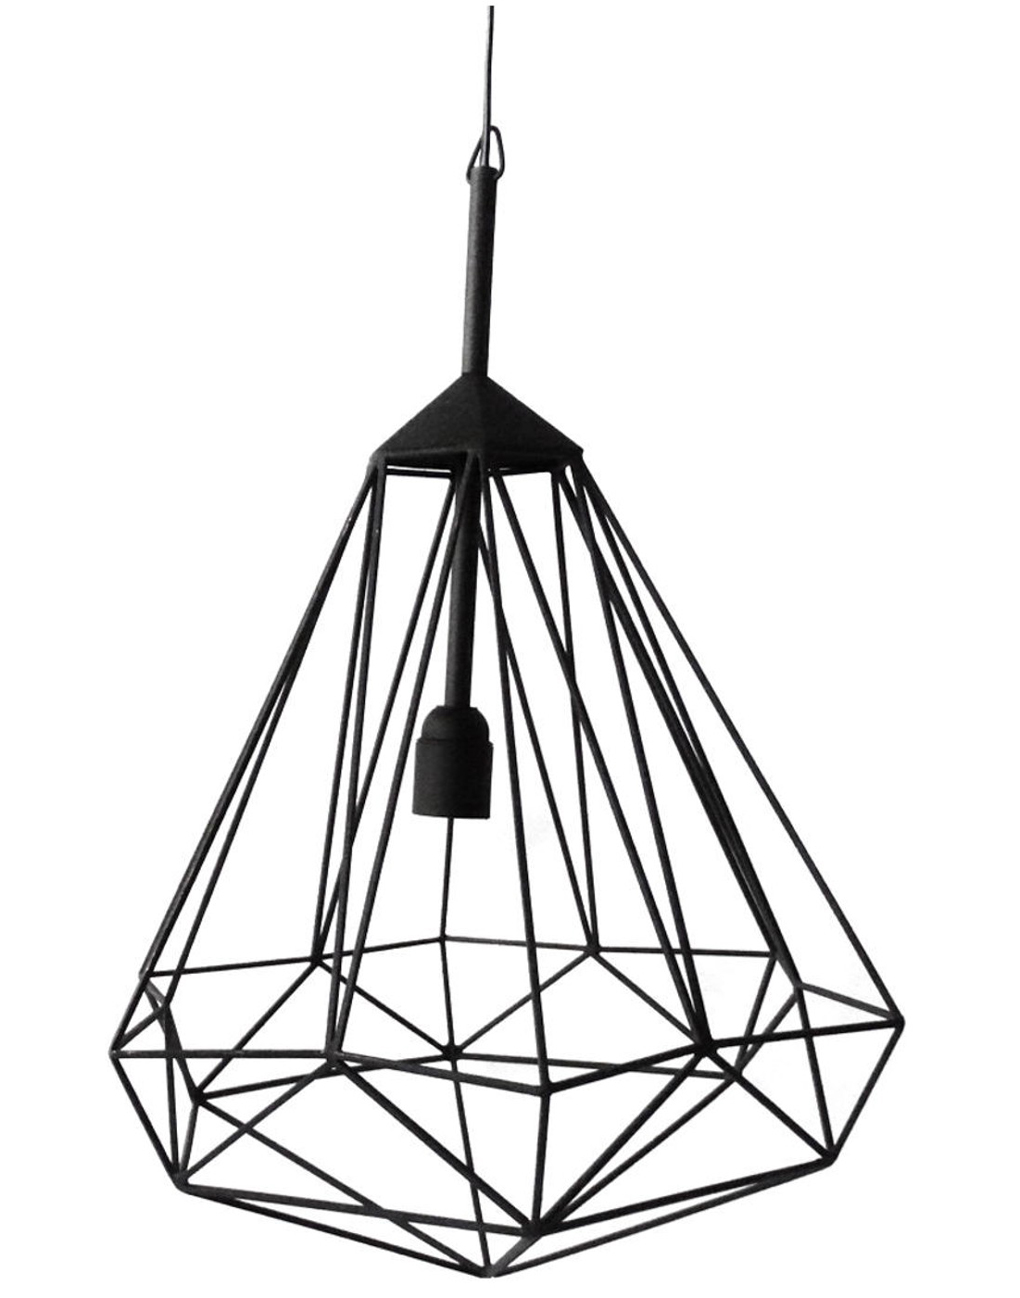 industriële lampen hanglamp metaal